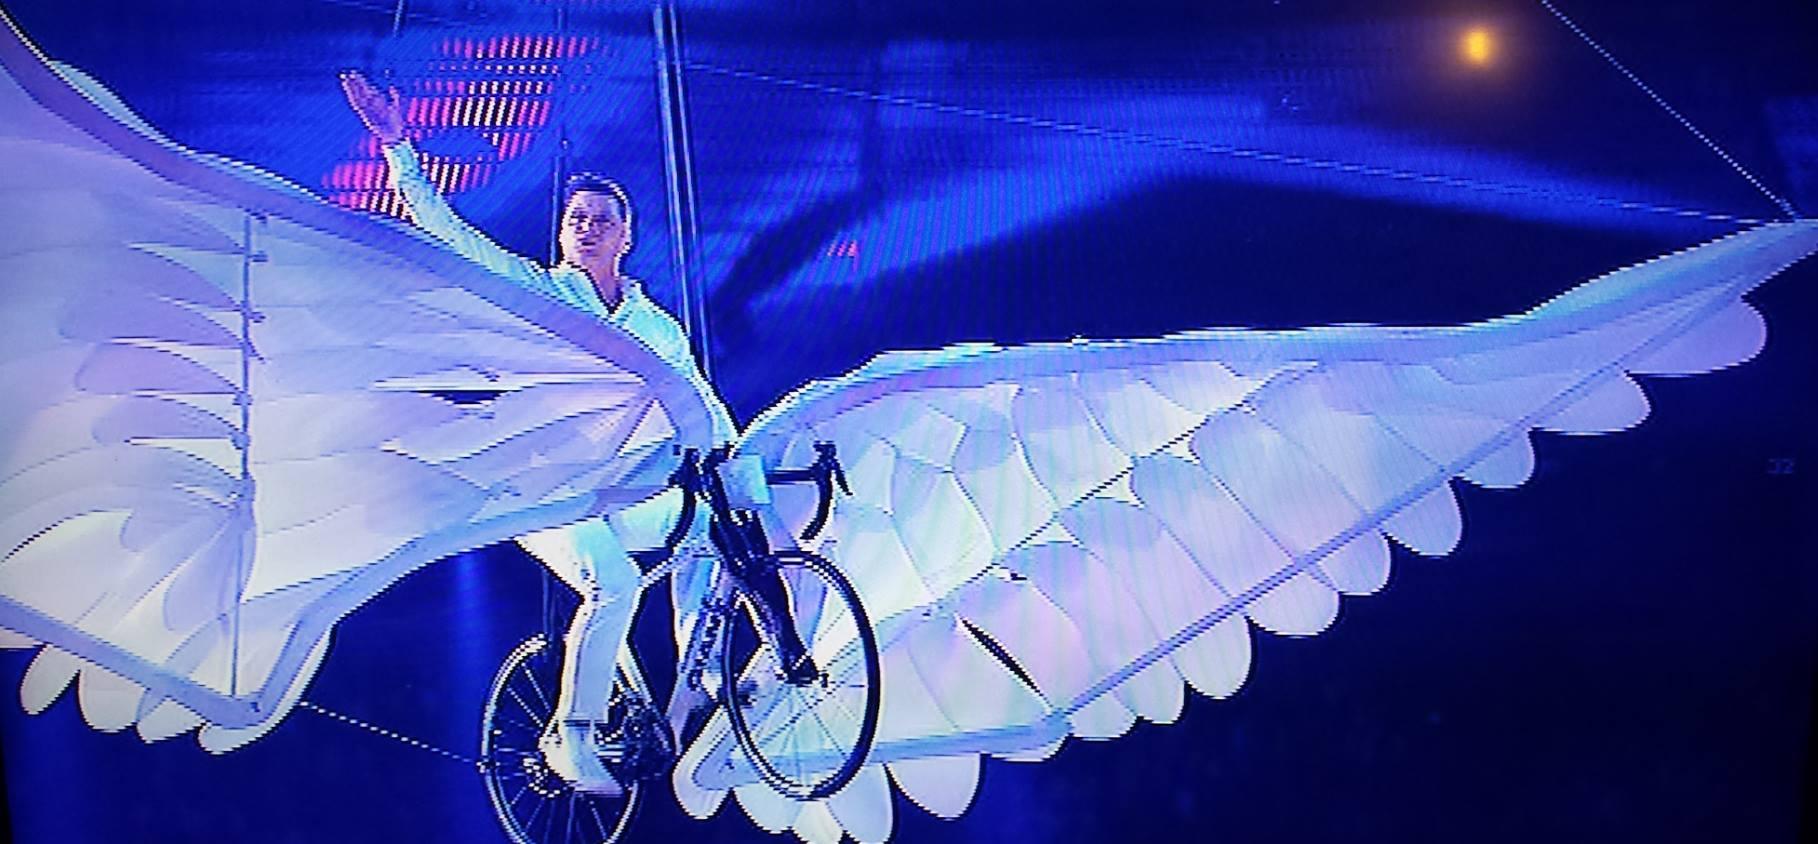 shane on wings.jpg